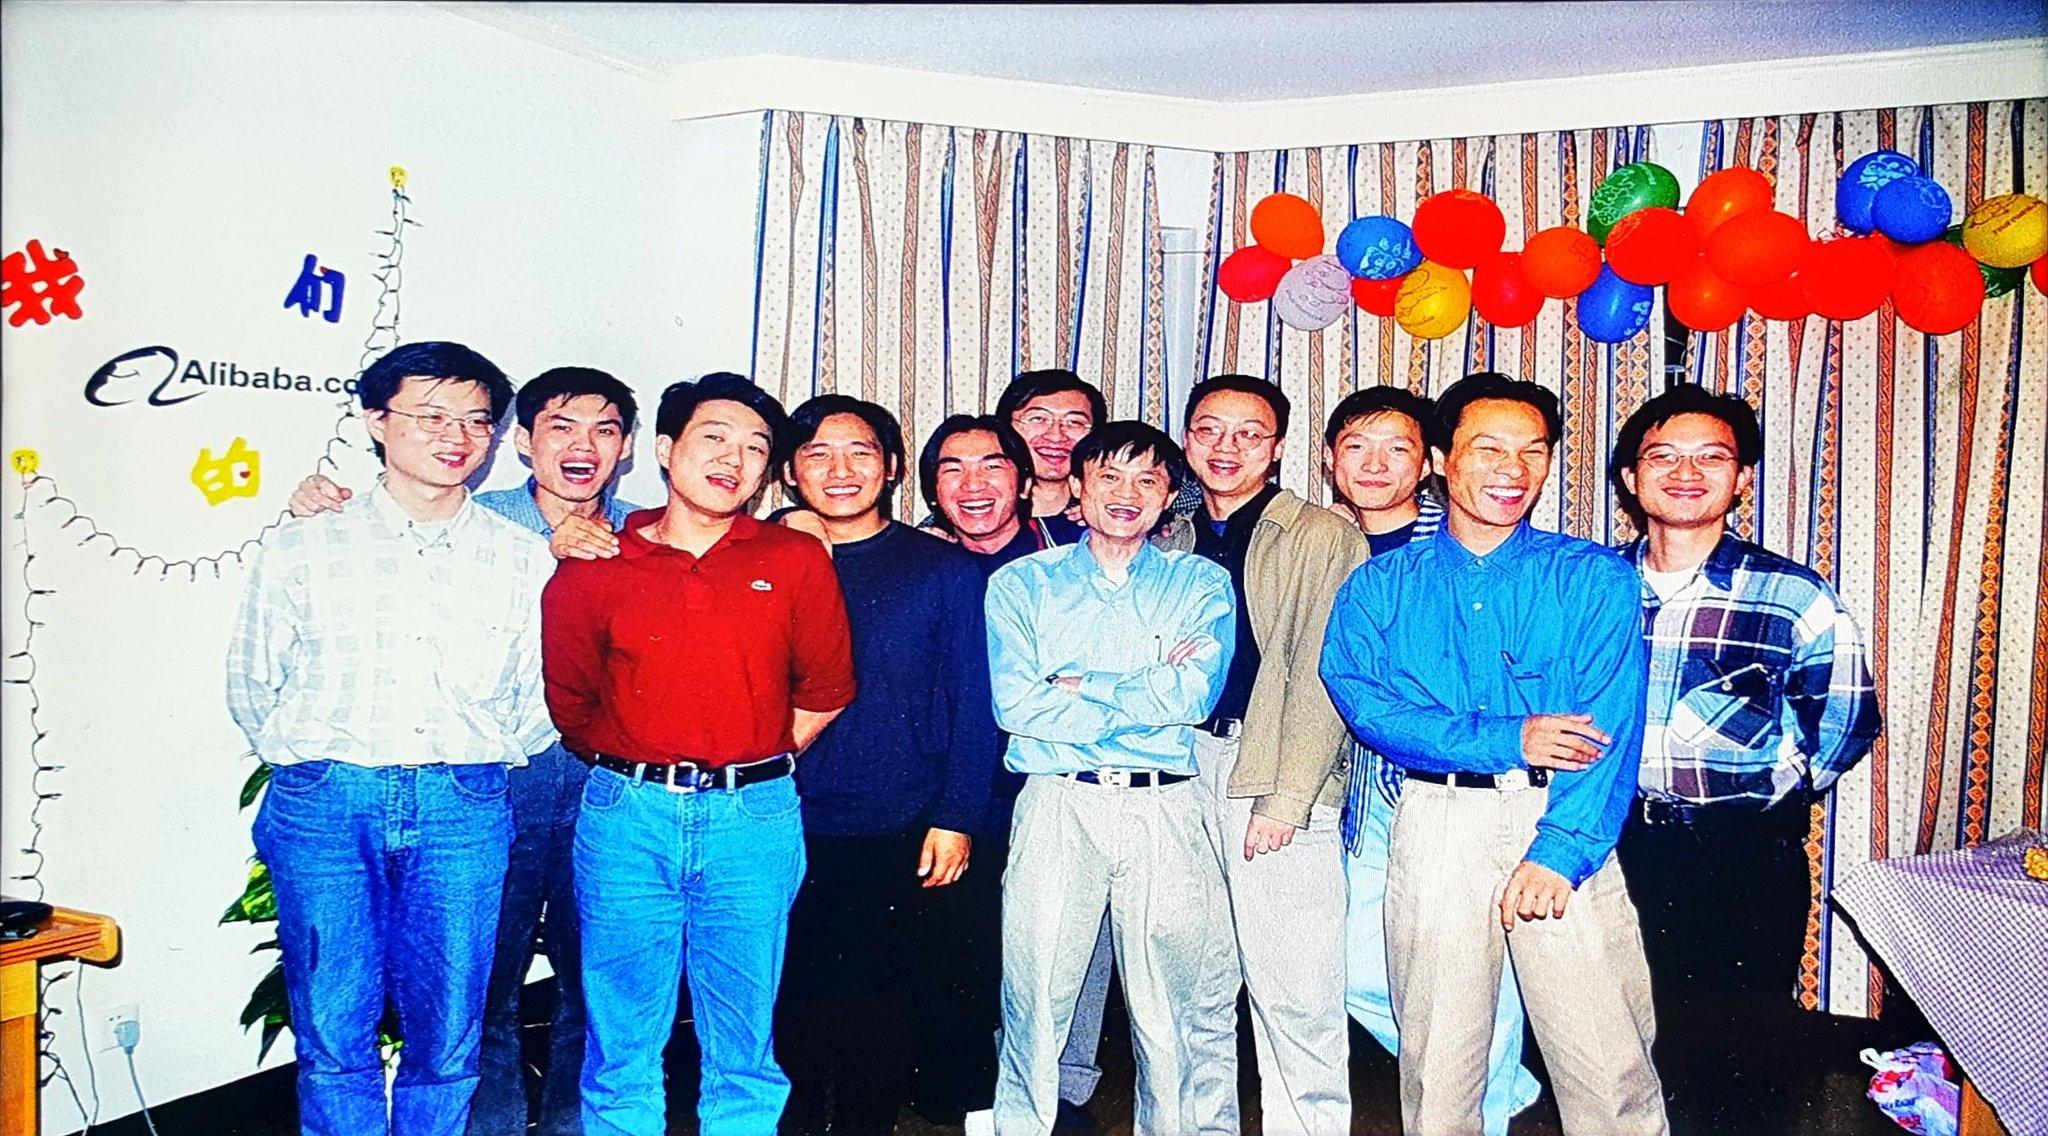 Poltak Hotradero @hotradero Sep 11 Replying to @hotradero Sama seperti start up lainnya. Ini foto saat Alibaba mulai berdiri.